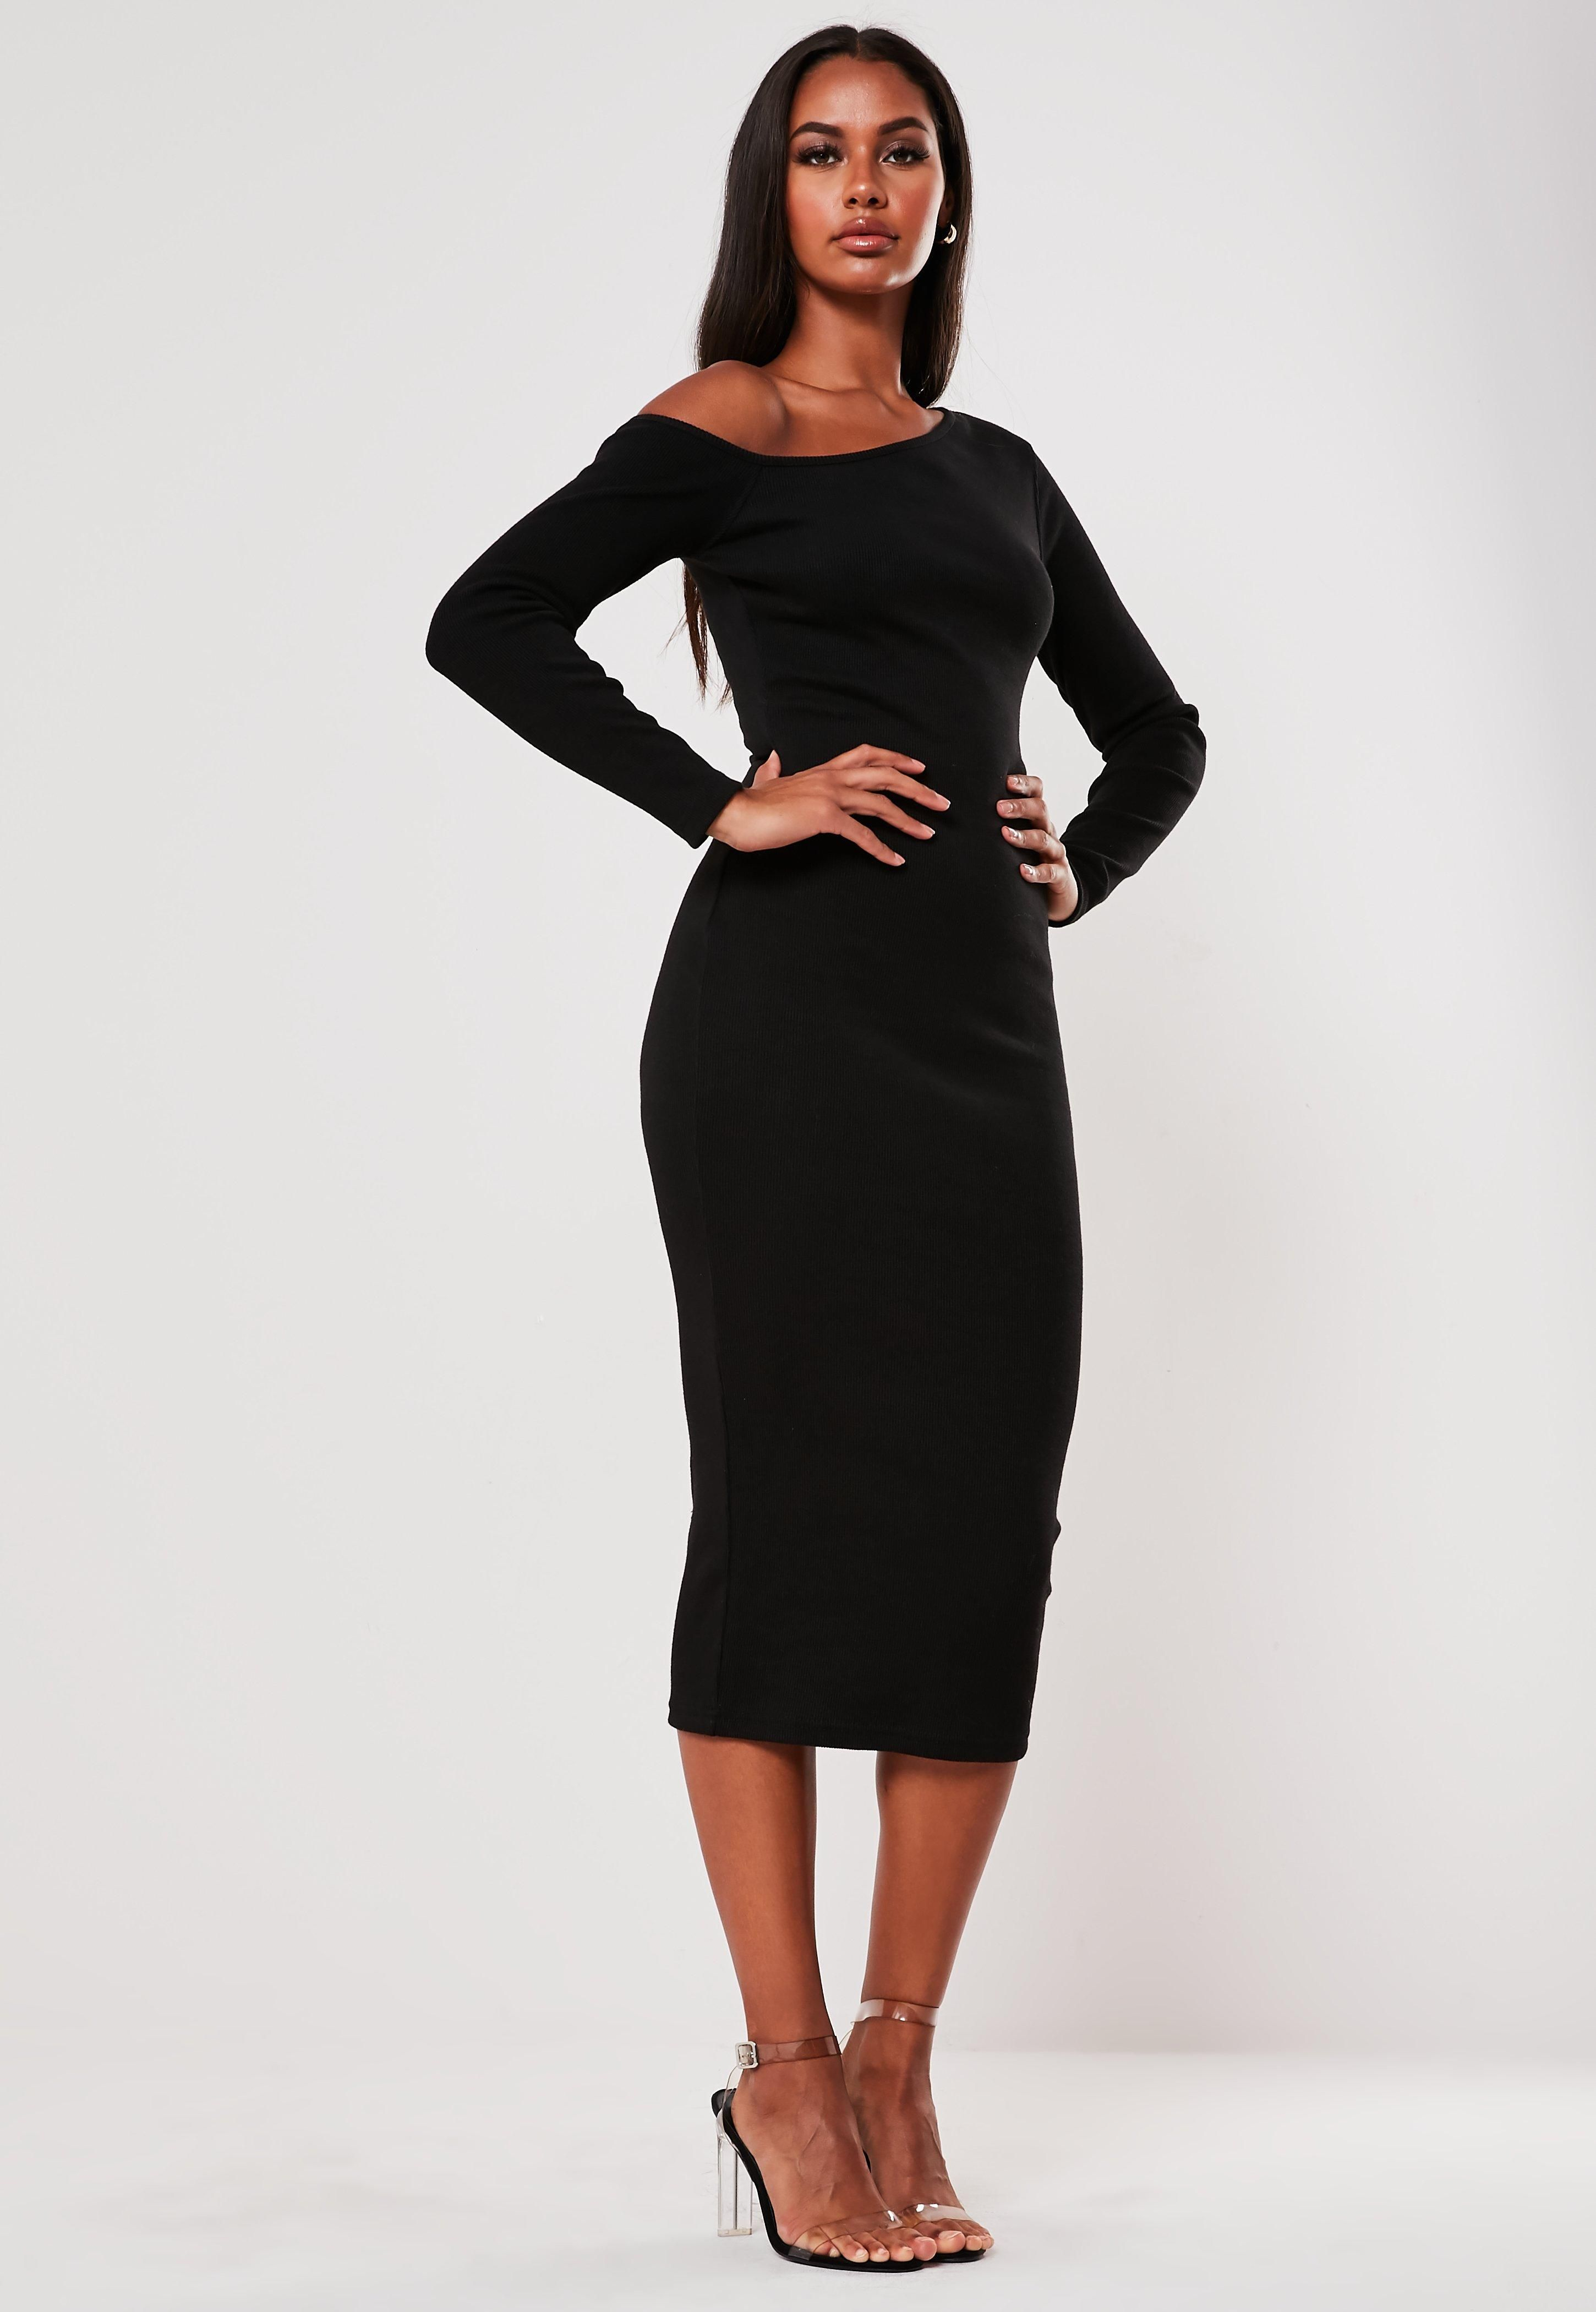 Black Rib Off Shoulder Bodycon Midi Dress Sponsored Shoulder Spon Rib Black Midi Dress Bodycon Dresses Midi Dress [ 4200 x 2900 Pixel ]